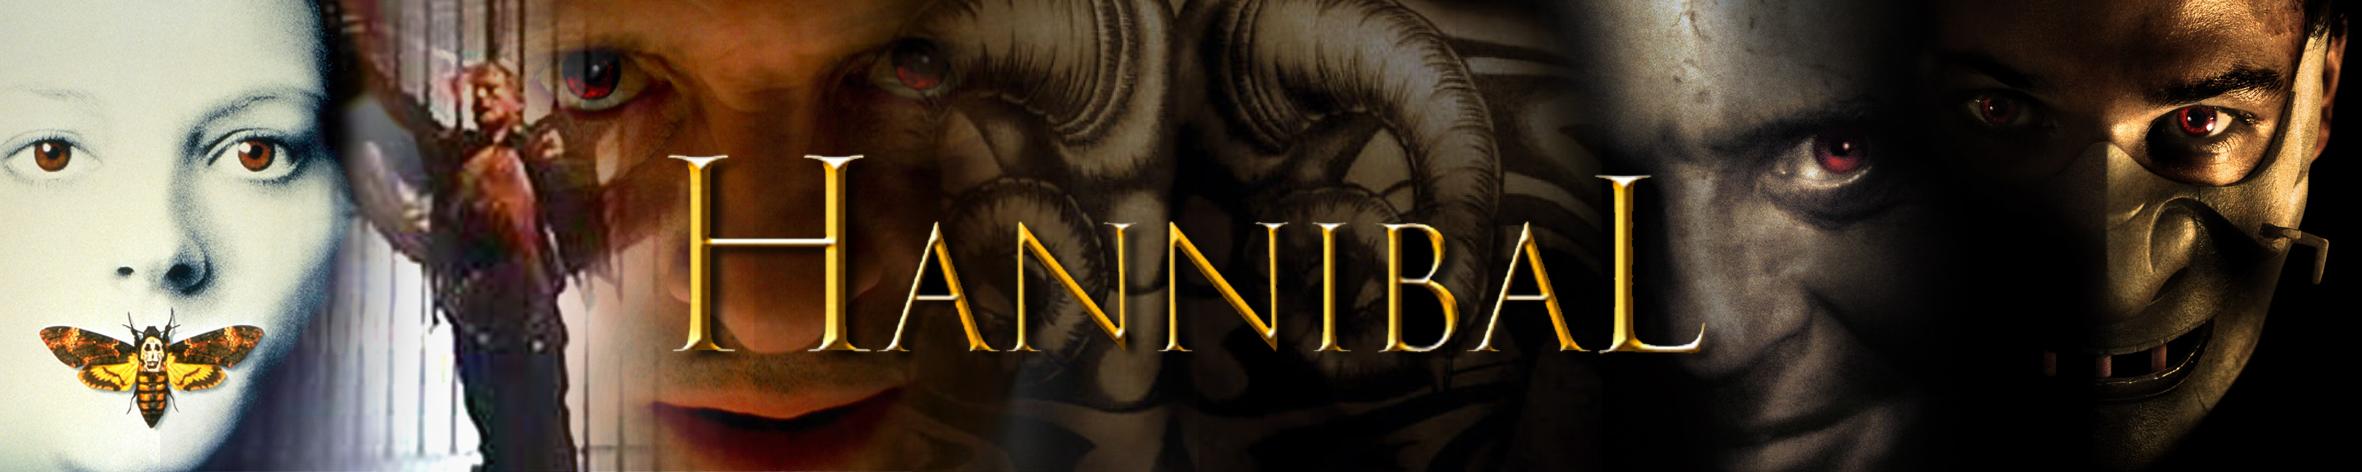 Hannibal Lecter tendrá su propia serie